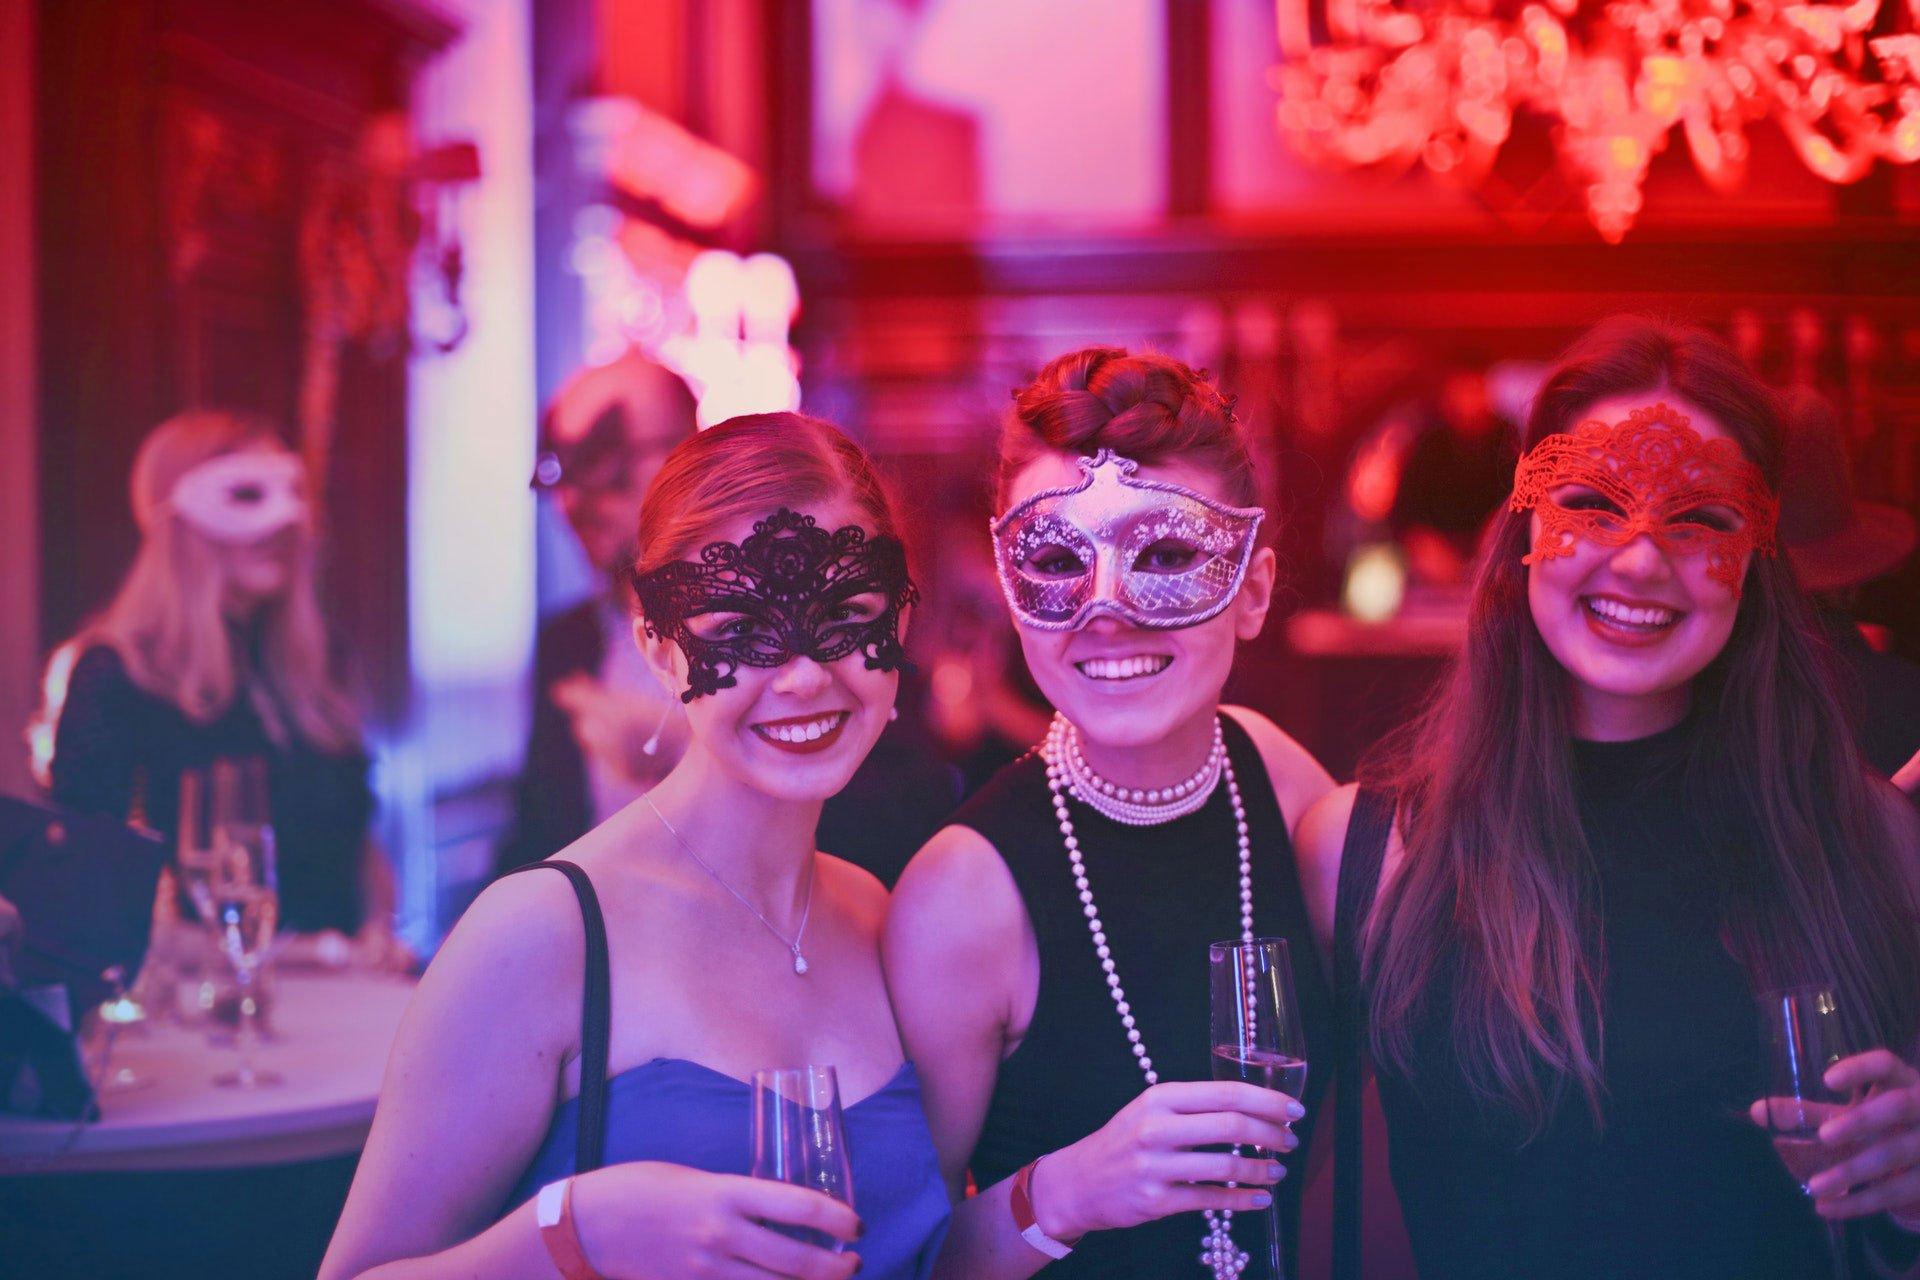 Women Wearing Eye Mask at Masquerade Party